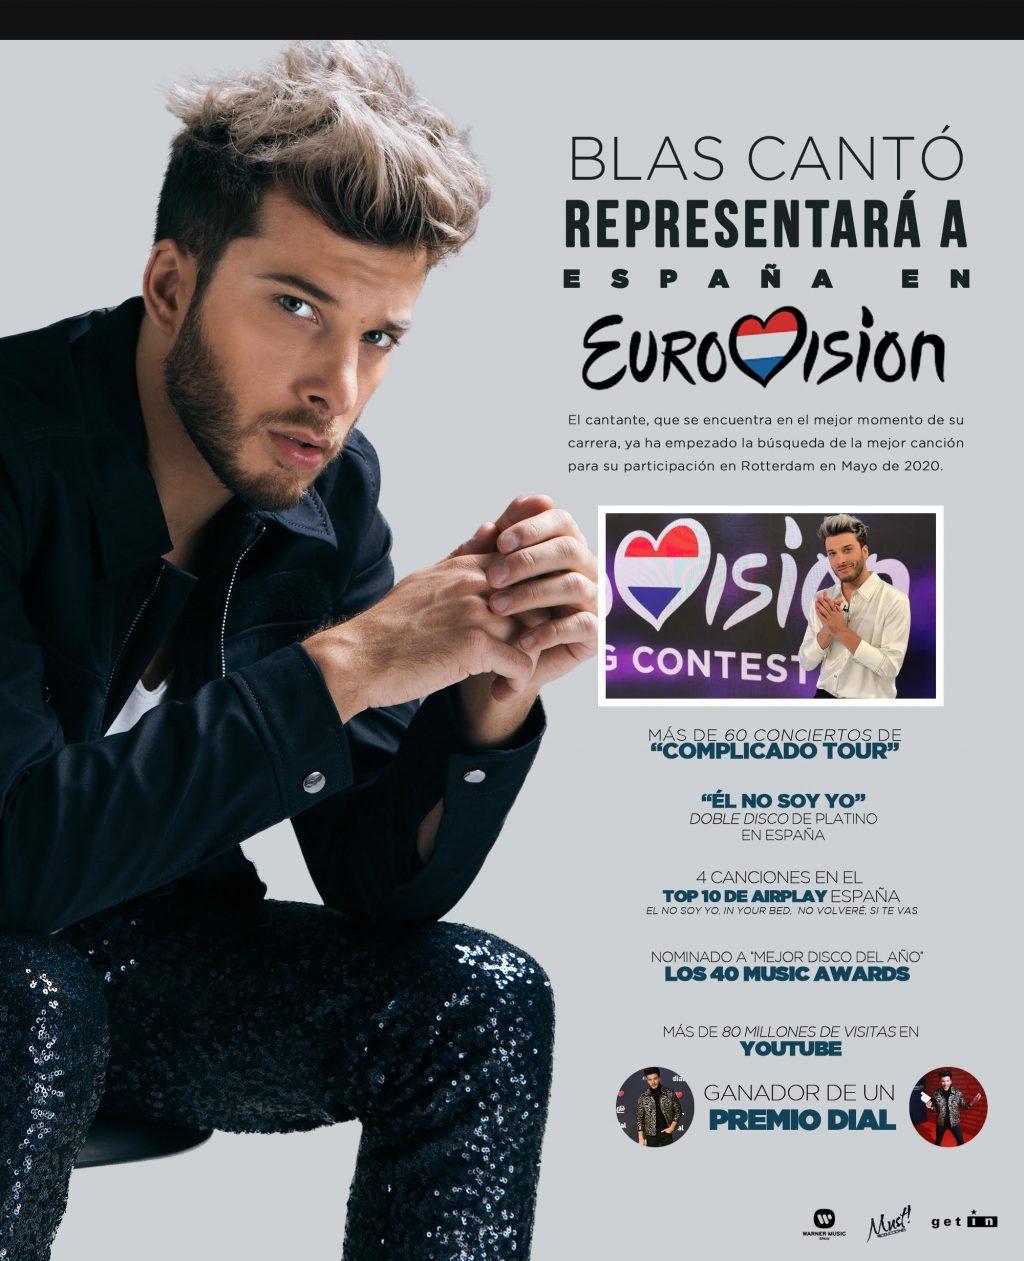 blas-canto-eurovision